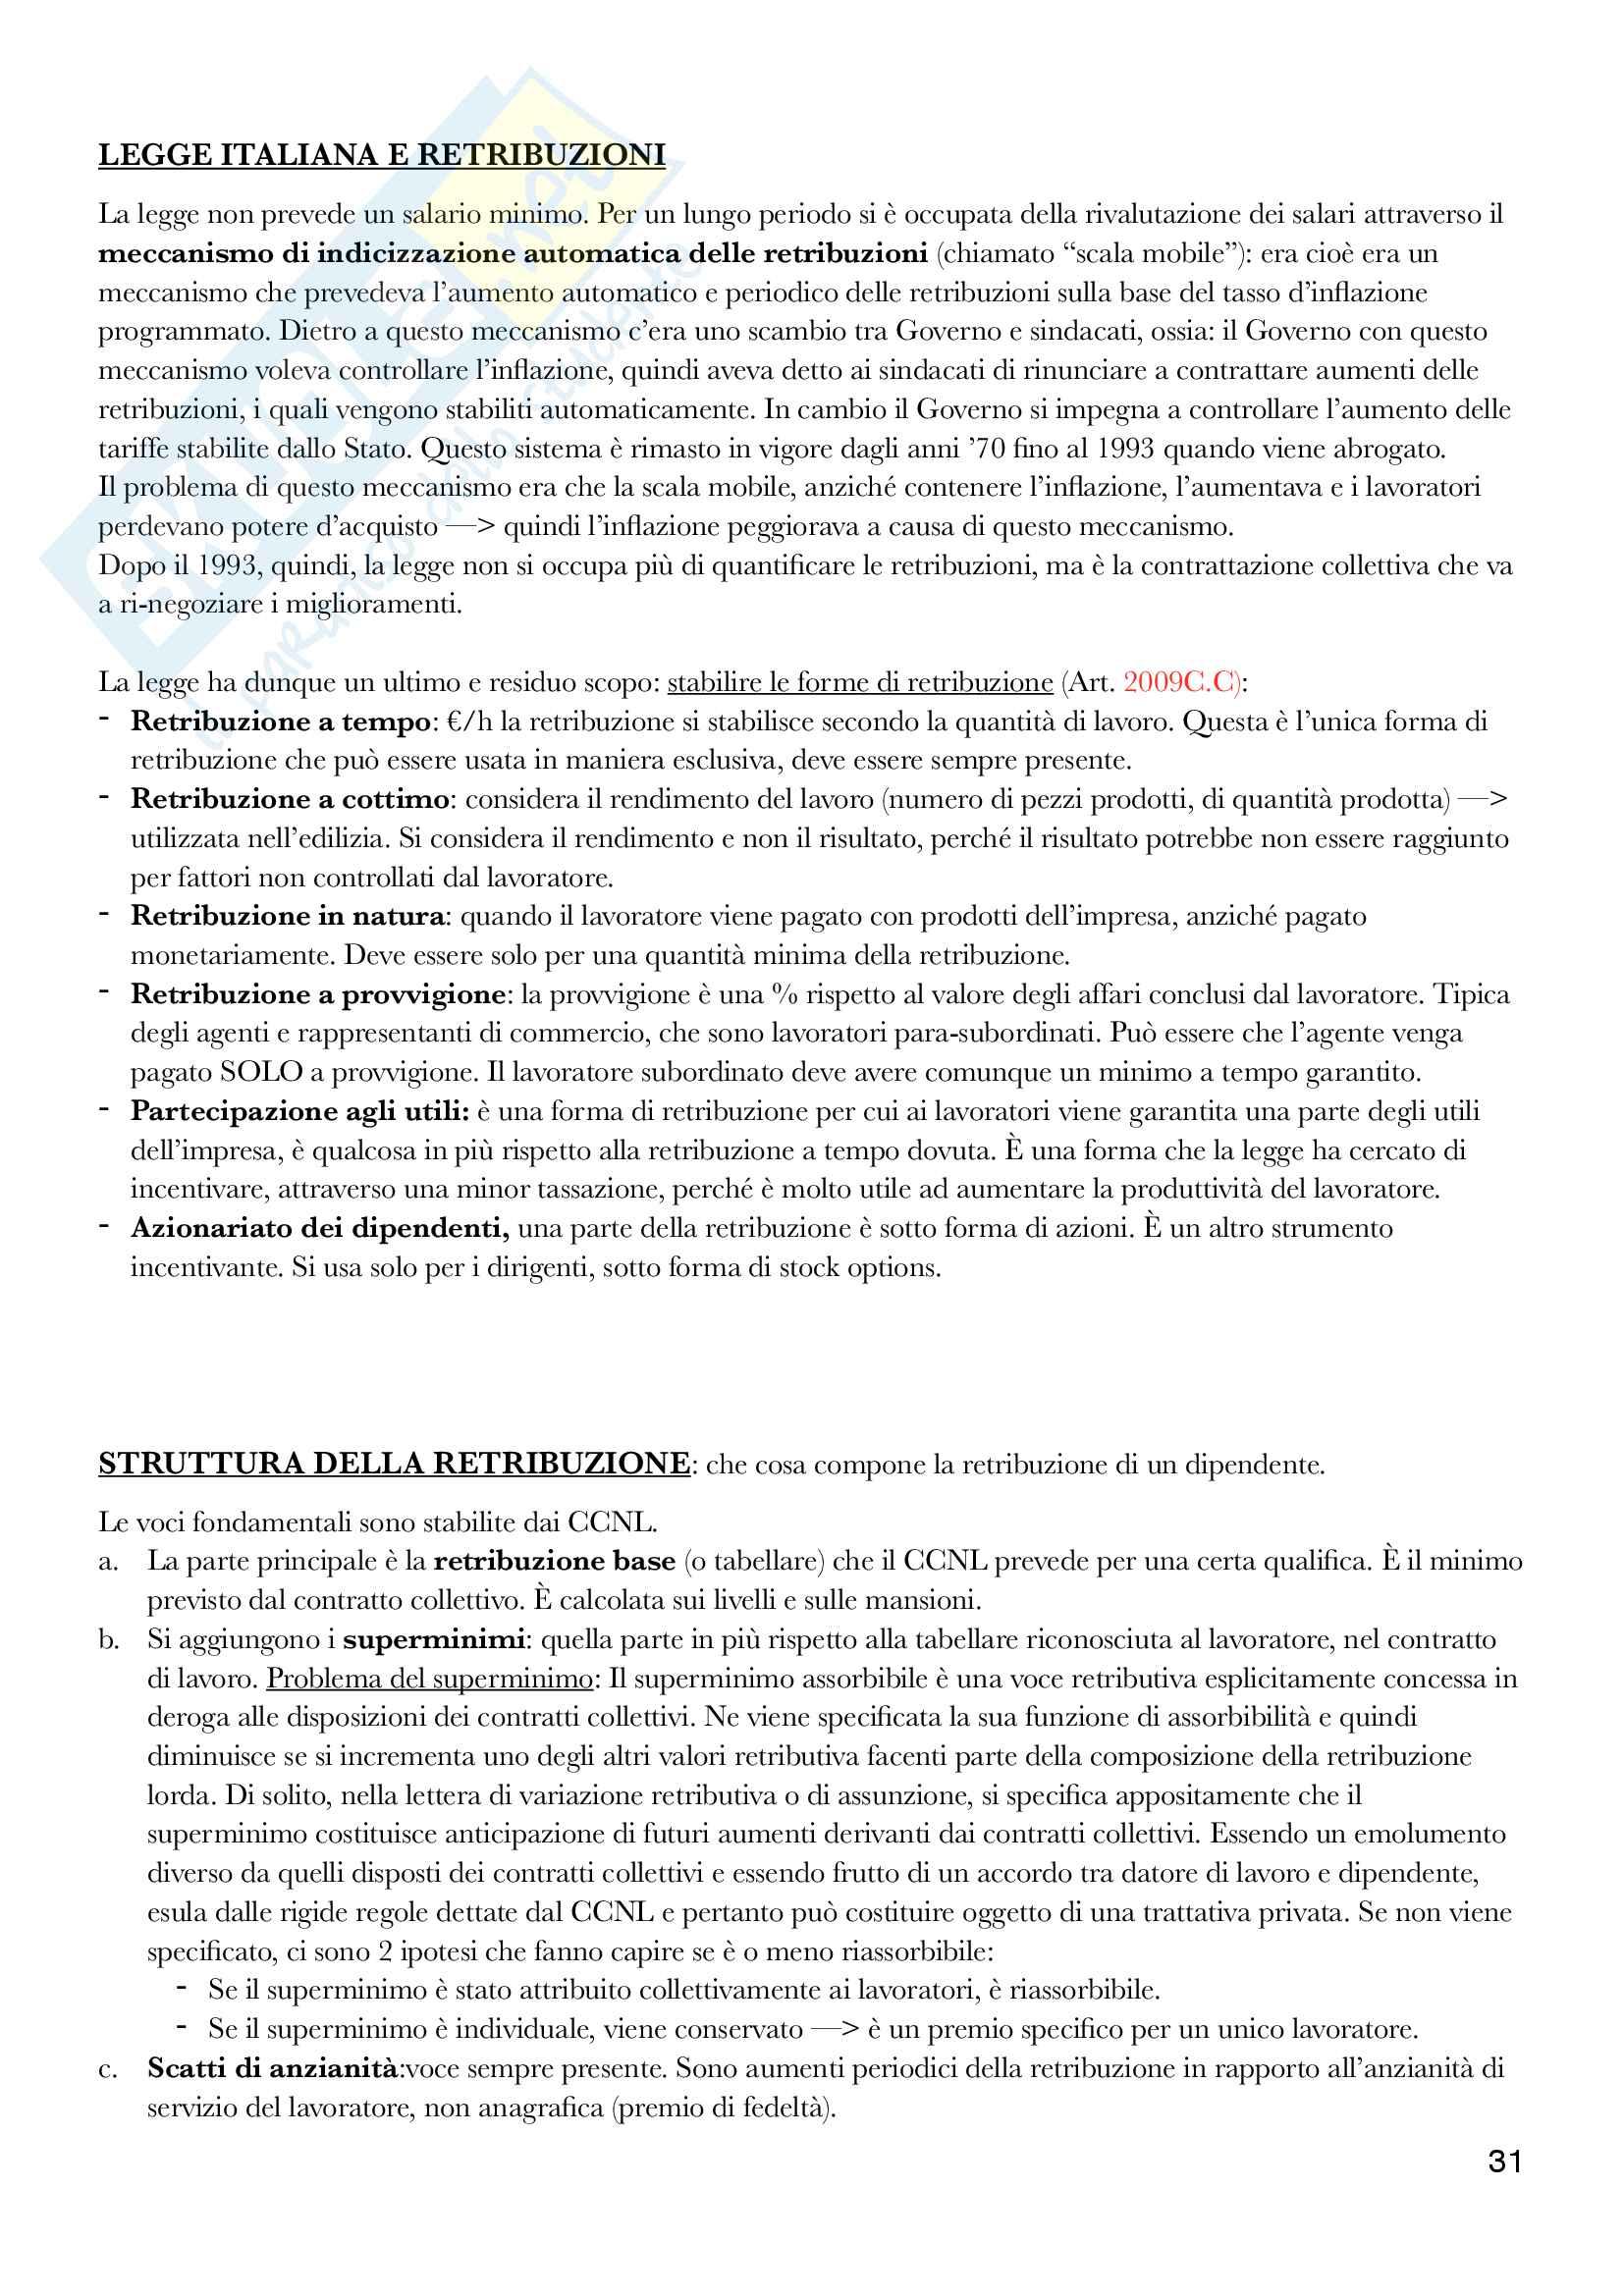 Diritto del lavoro - II Modulo Prof. Emanuele Menegatti. Appunti presi a lezione. Pag. 31